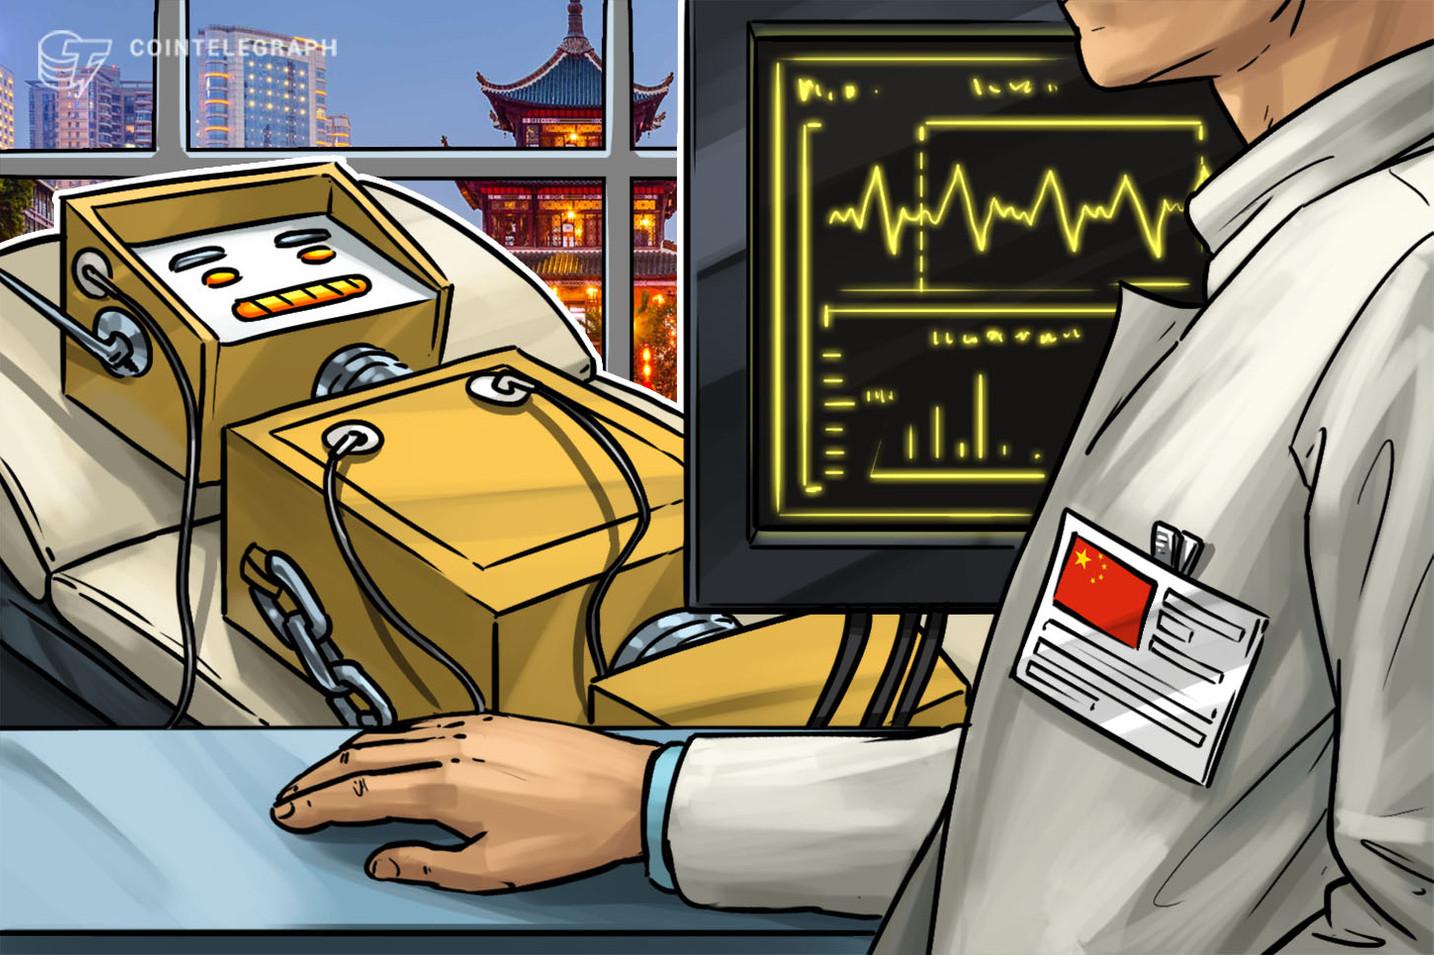 تقريرٌ صيني: مشاريع بلوكتشين تنتقل من الرواج إلى الفشل في غضون ١٥ شهرًا